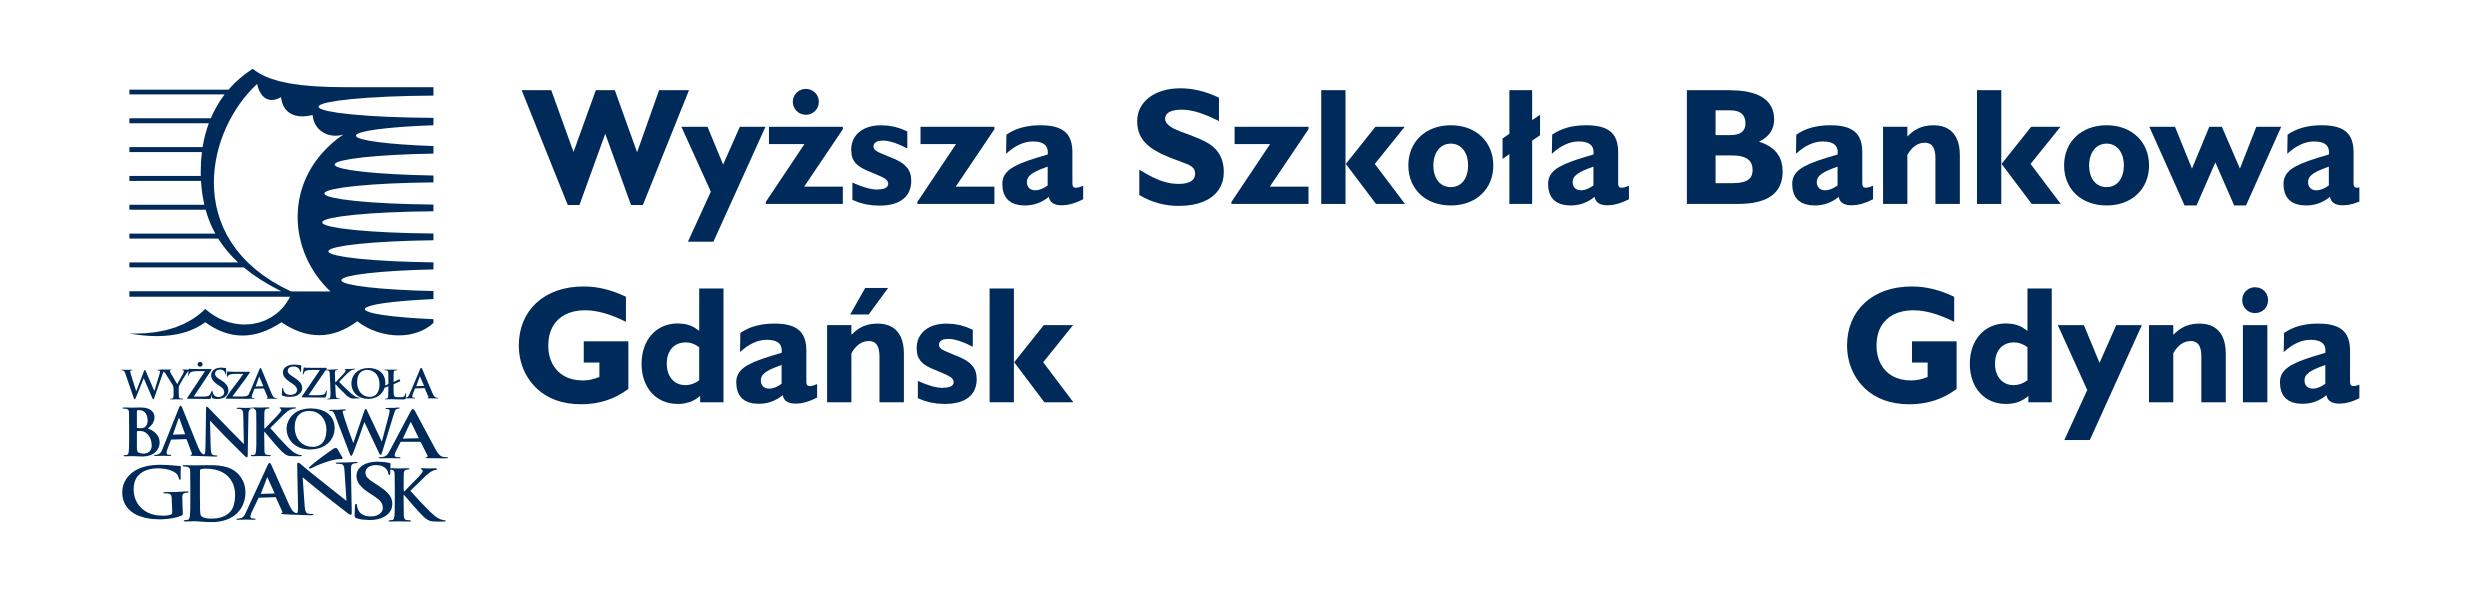 Logo Wyższa Szkoła Bankowa w Gdańsku